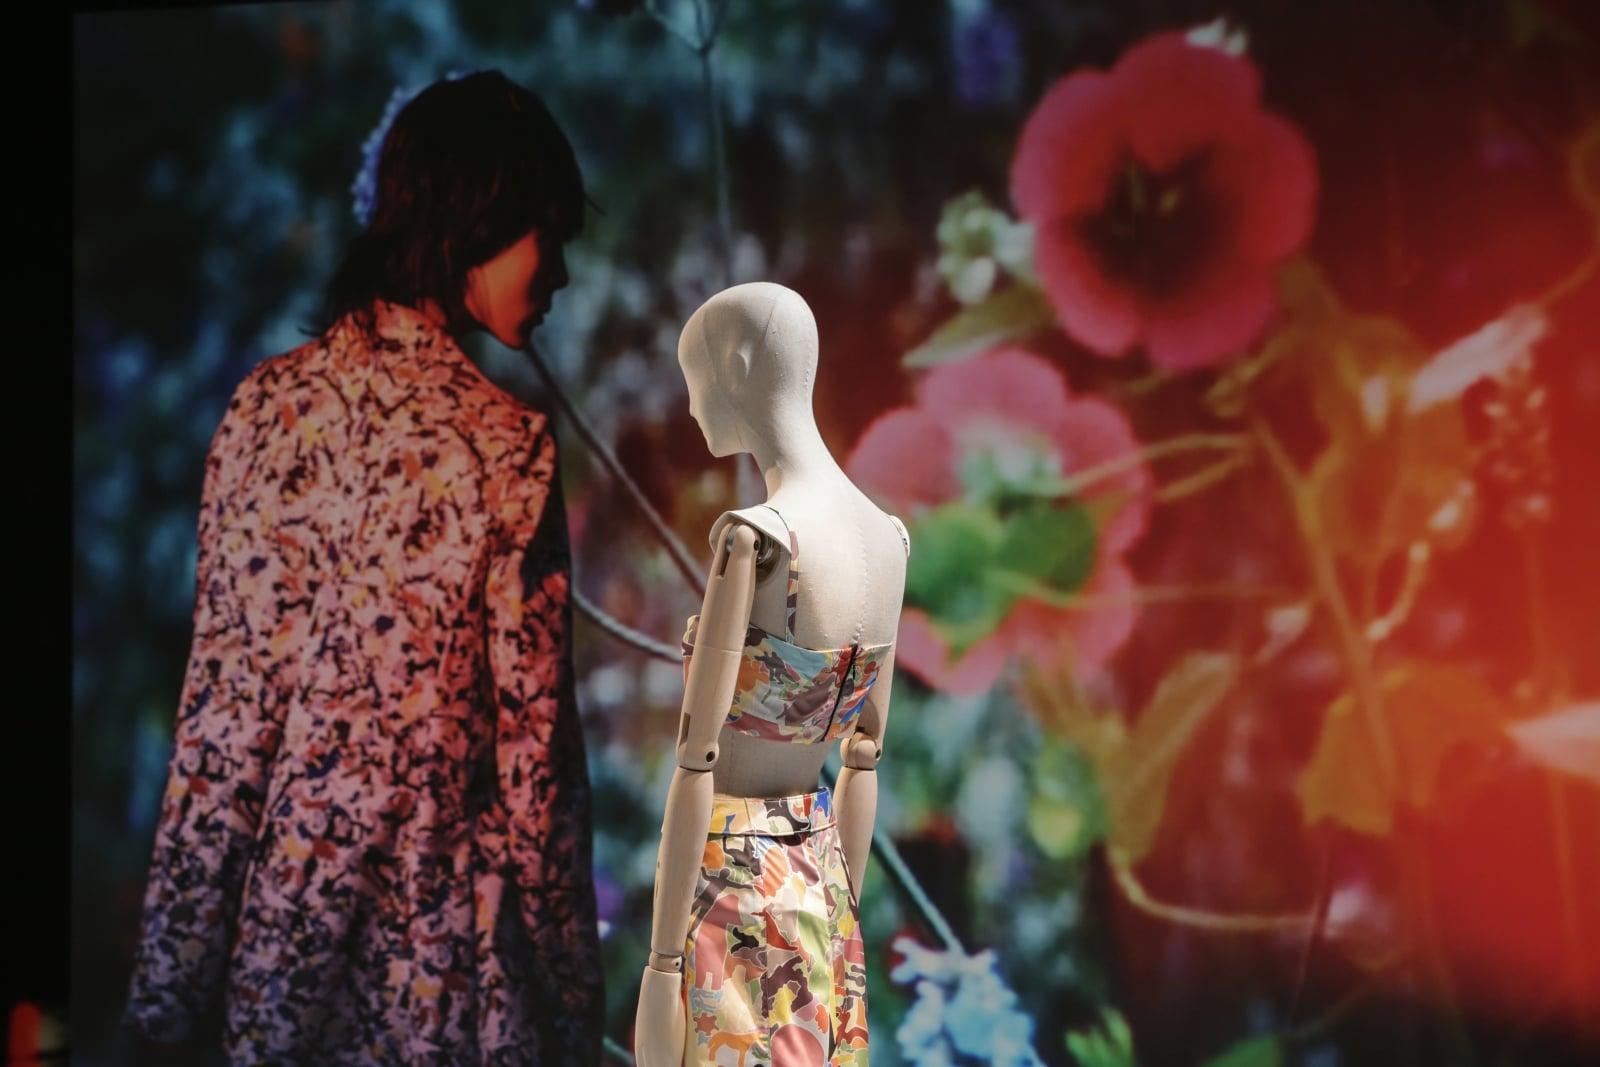 Prace Jil Sander na wystawie  w Muzeum Sztuki Stosowanej we Frankfurcie nad Menem, Niemcy, fot. EPA/ARMANDO BABANI